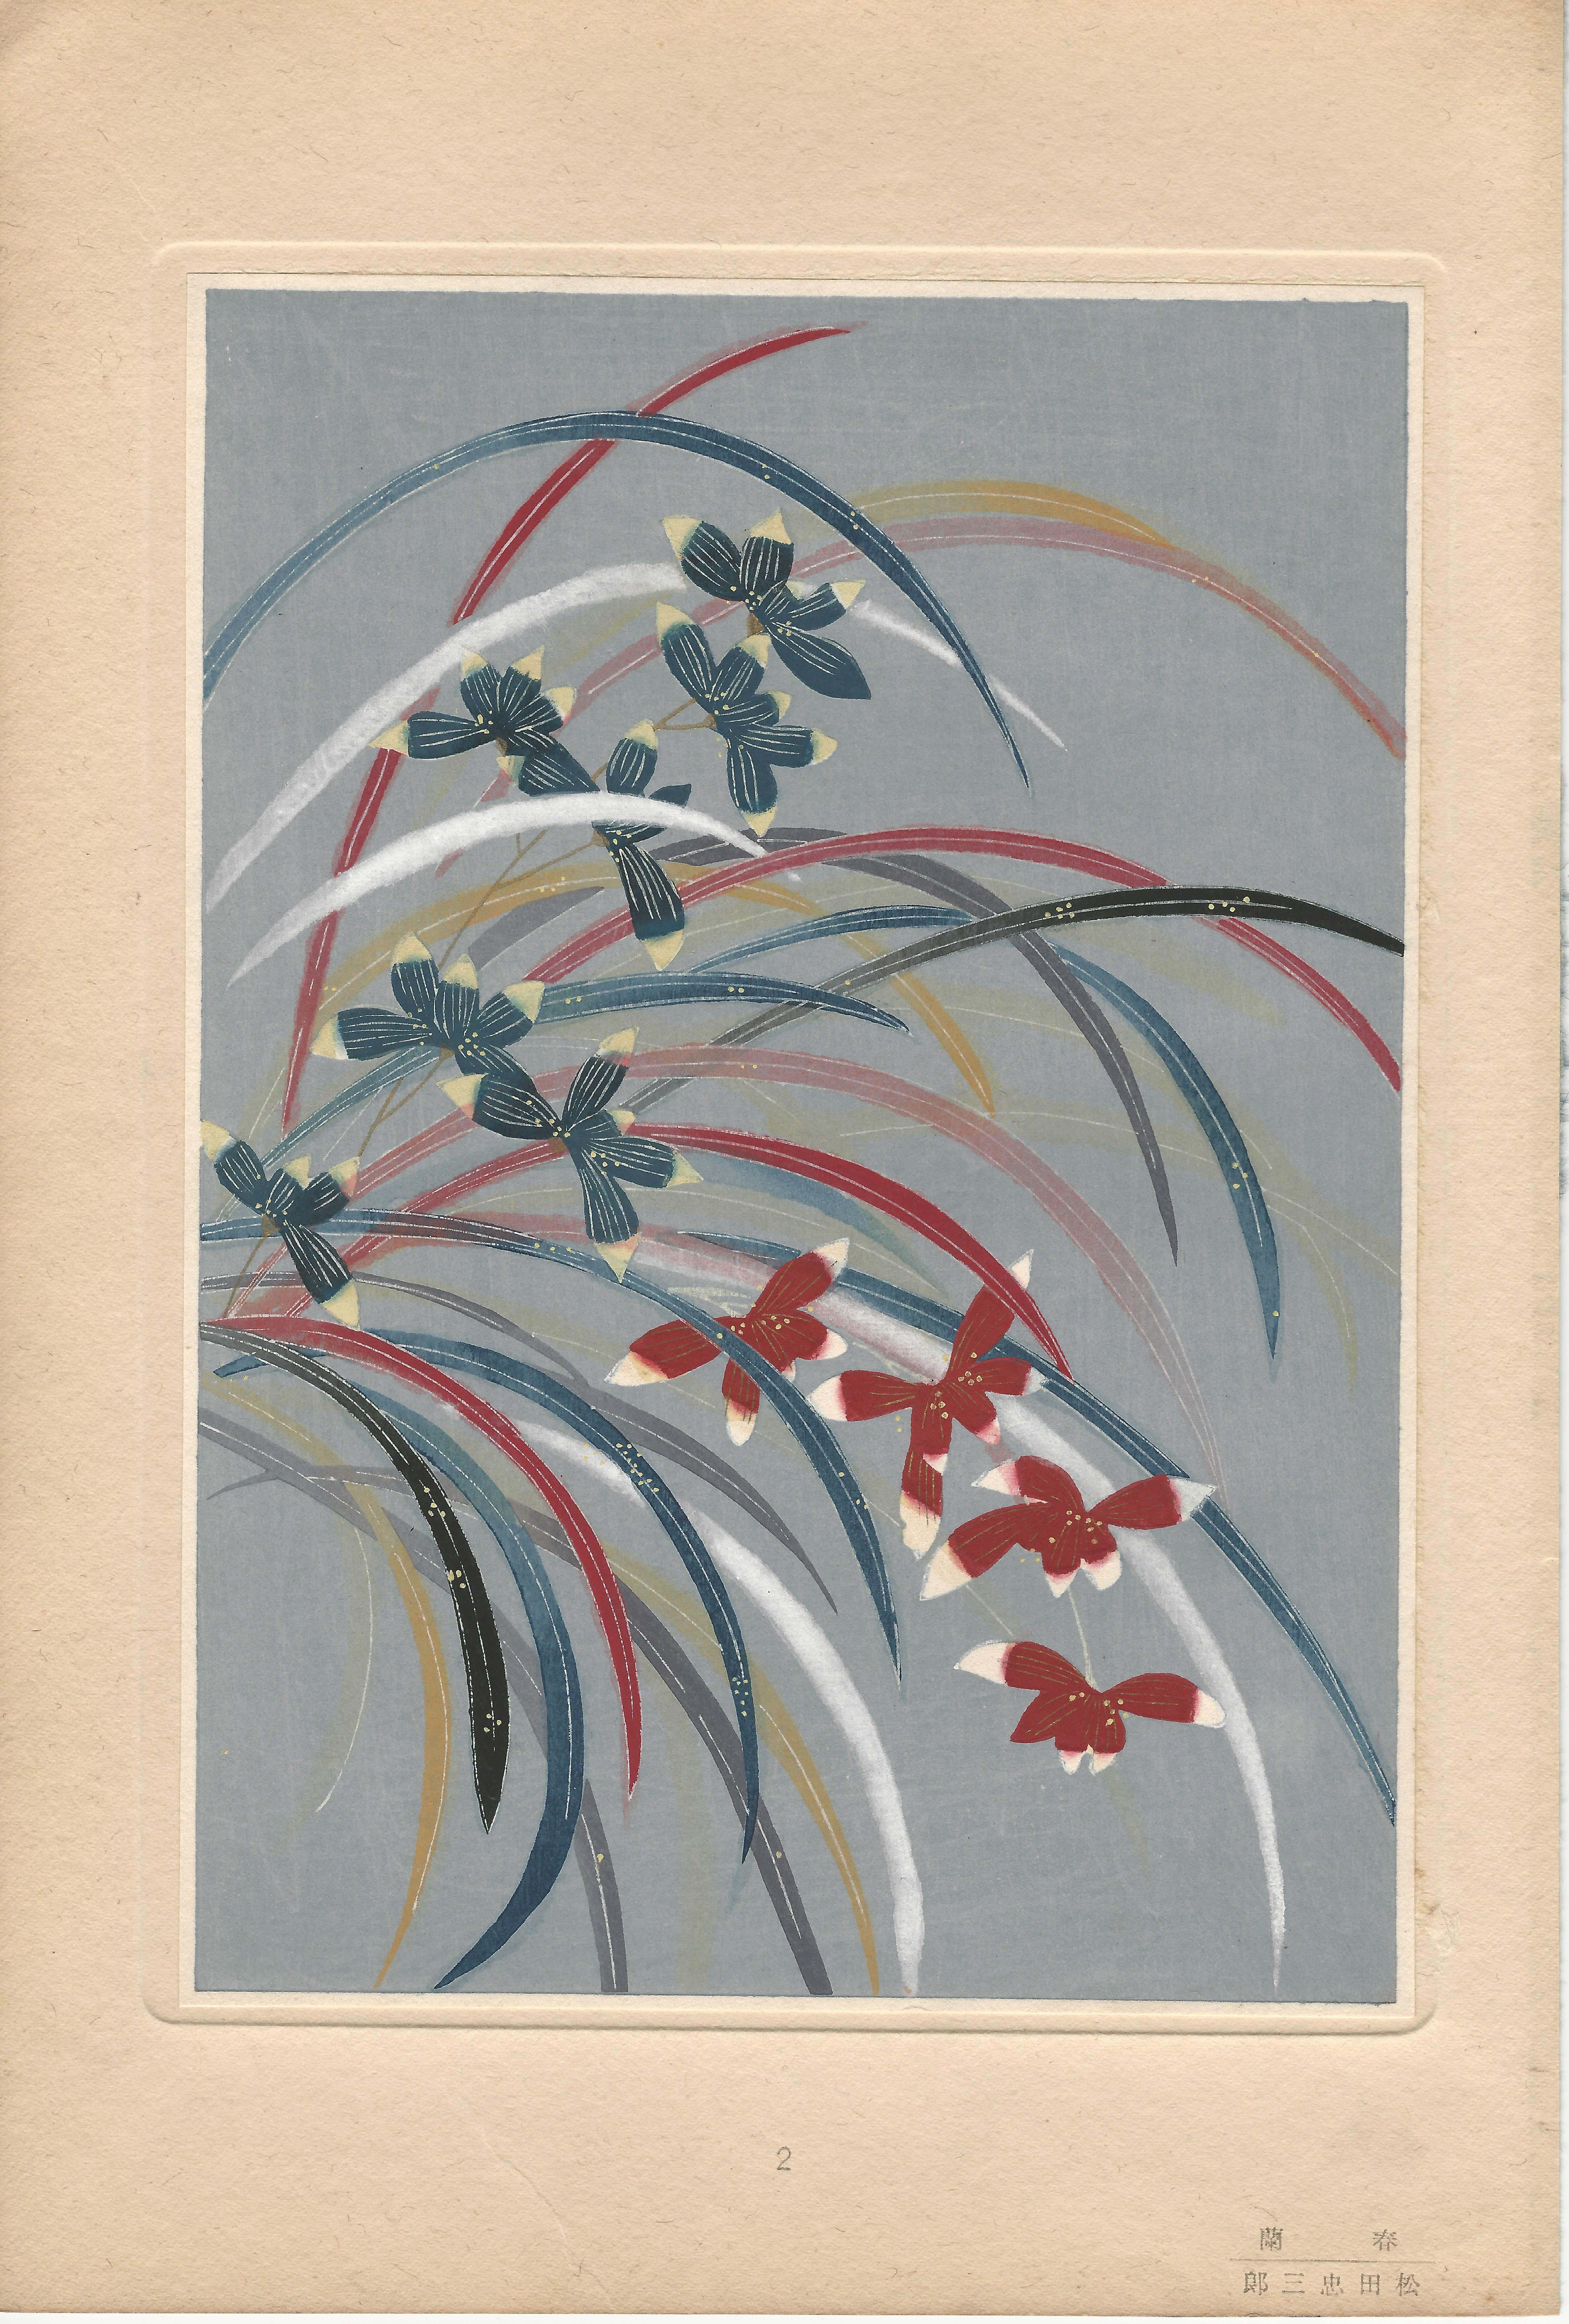 Matsuda CHUZABURO (Giappone, attivo inizi XX secolo) – STELI